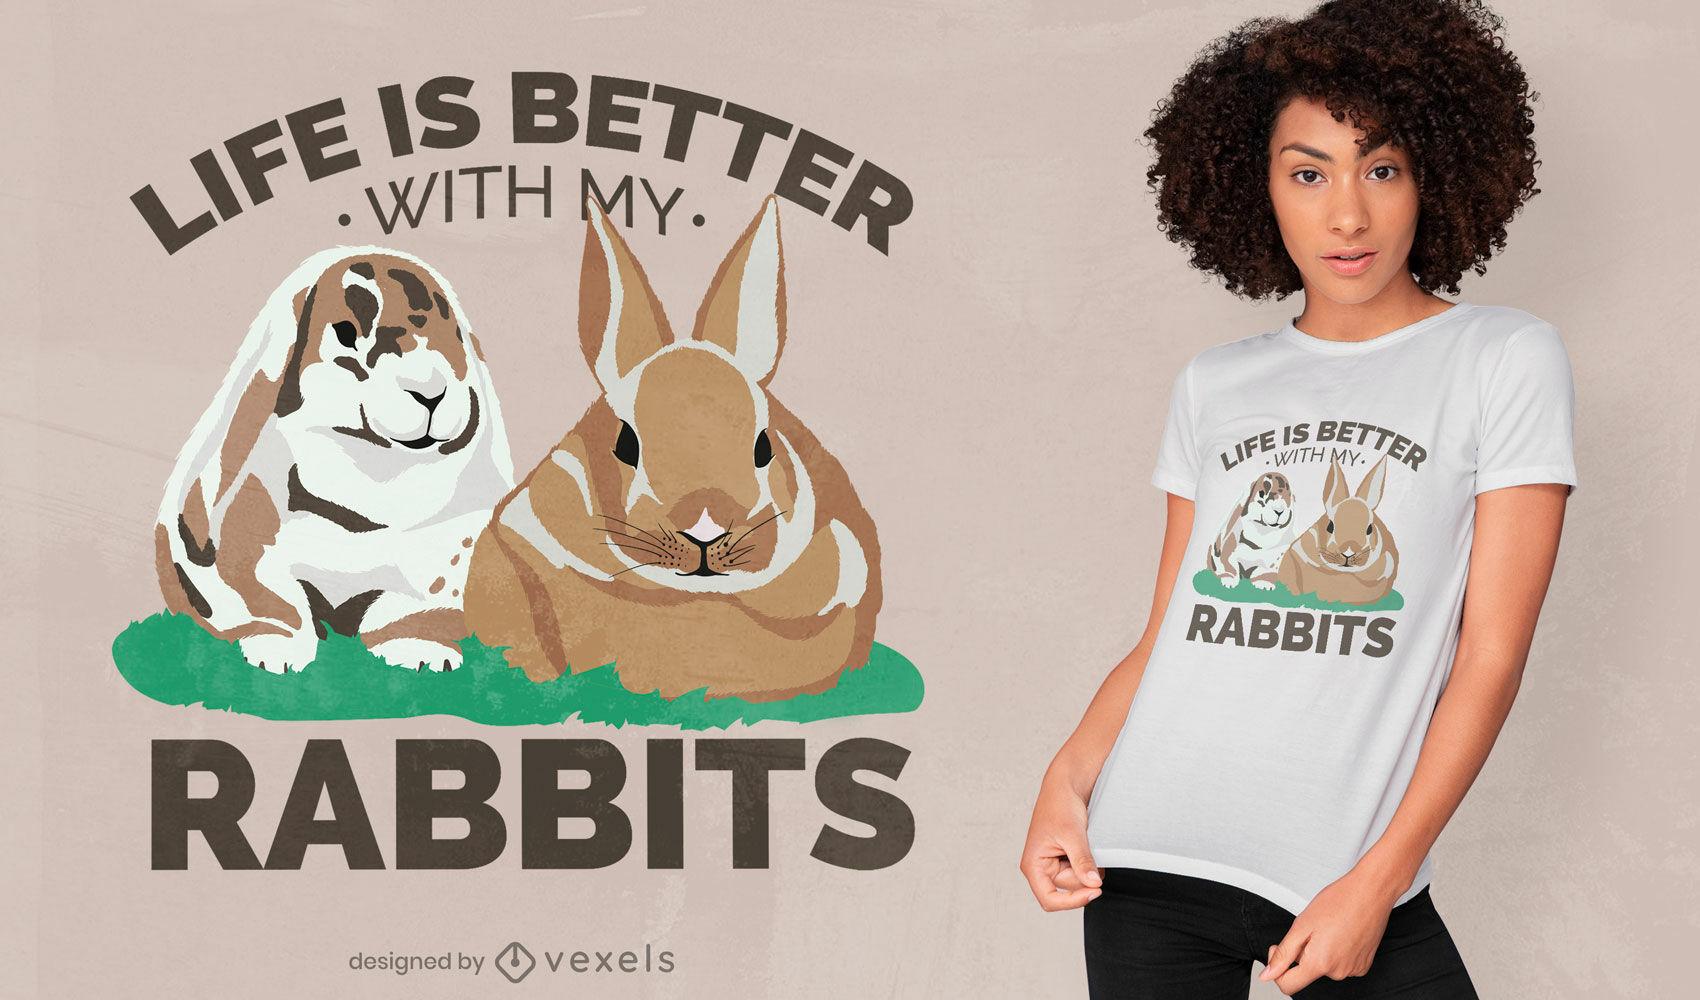 La vida es mejor con el diseño de mi camiseta de conejos.